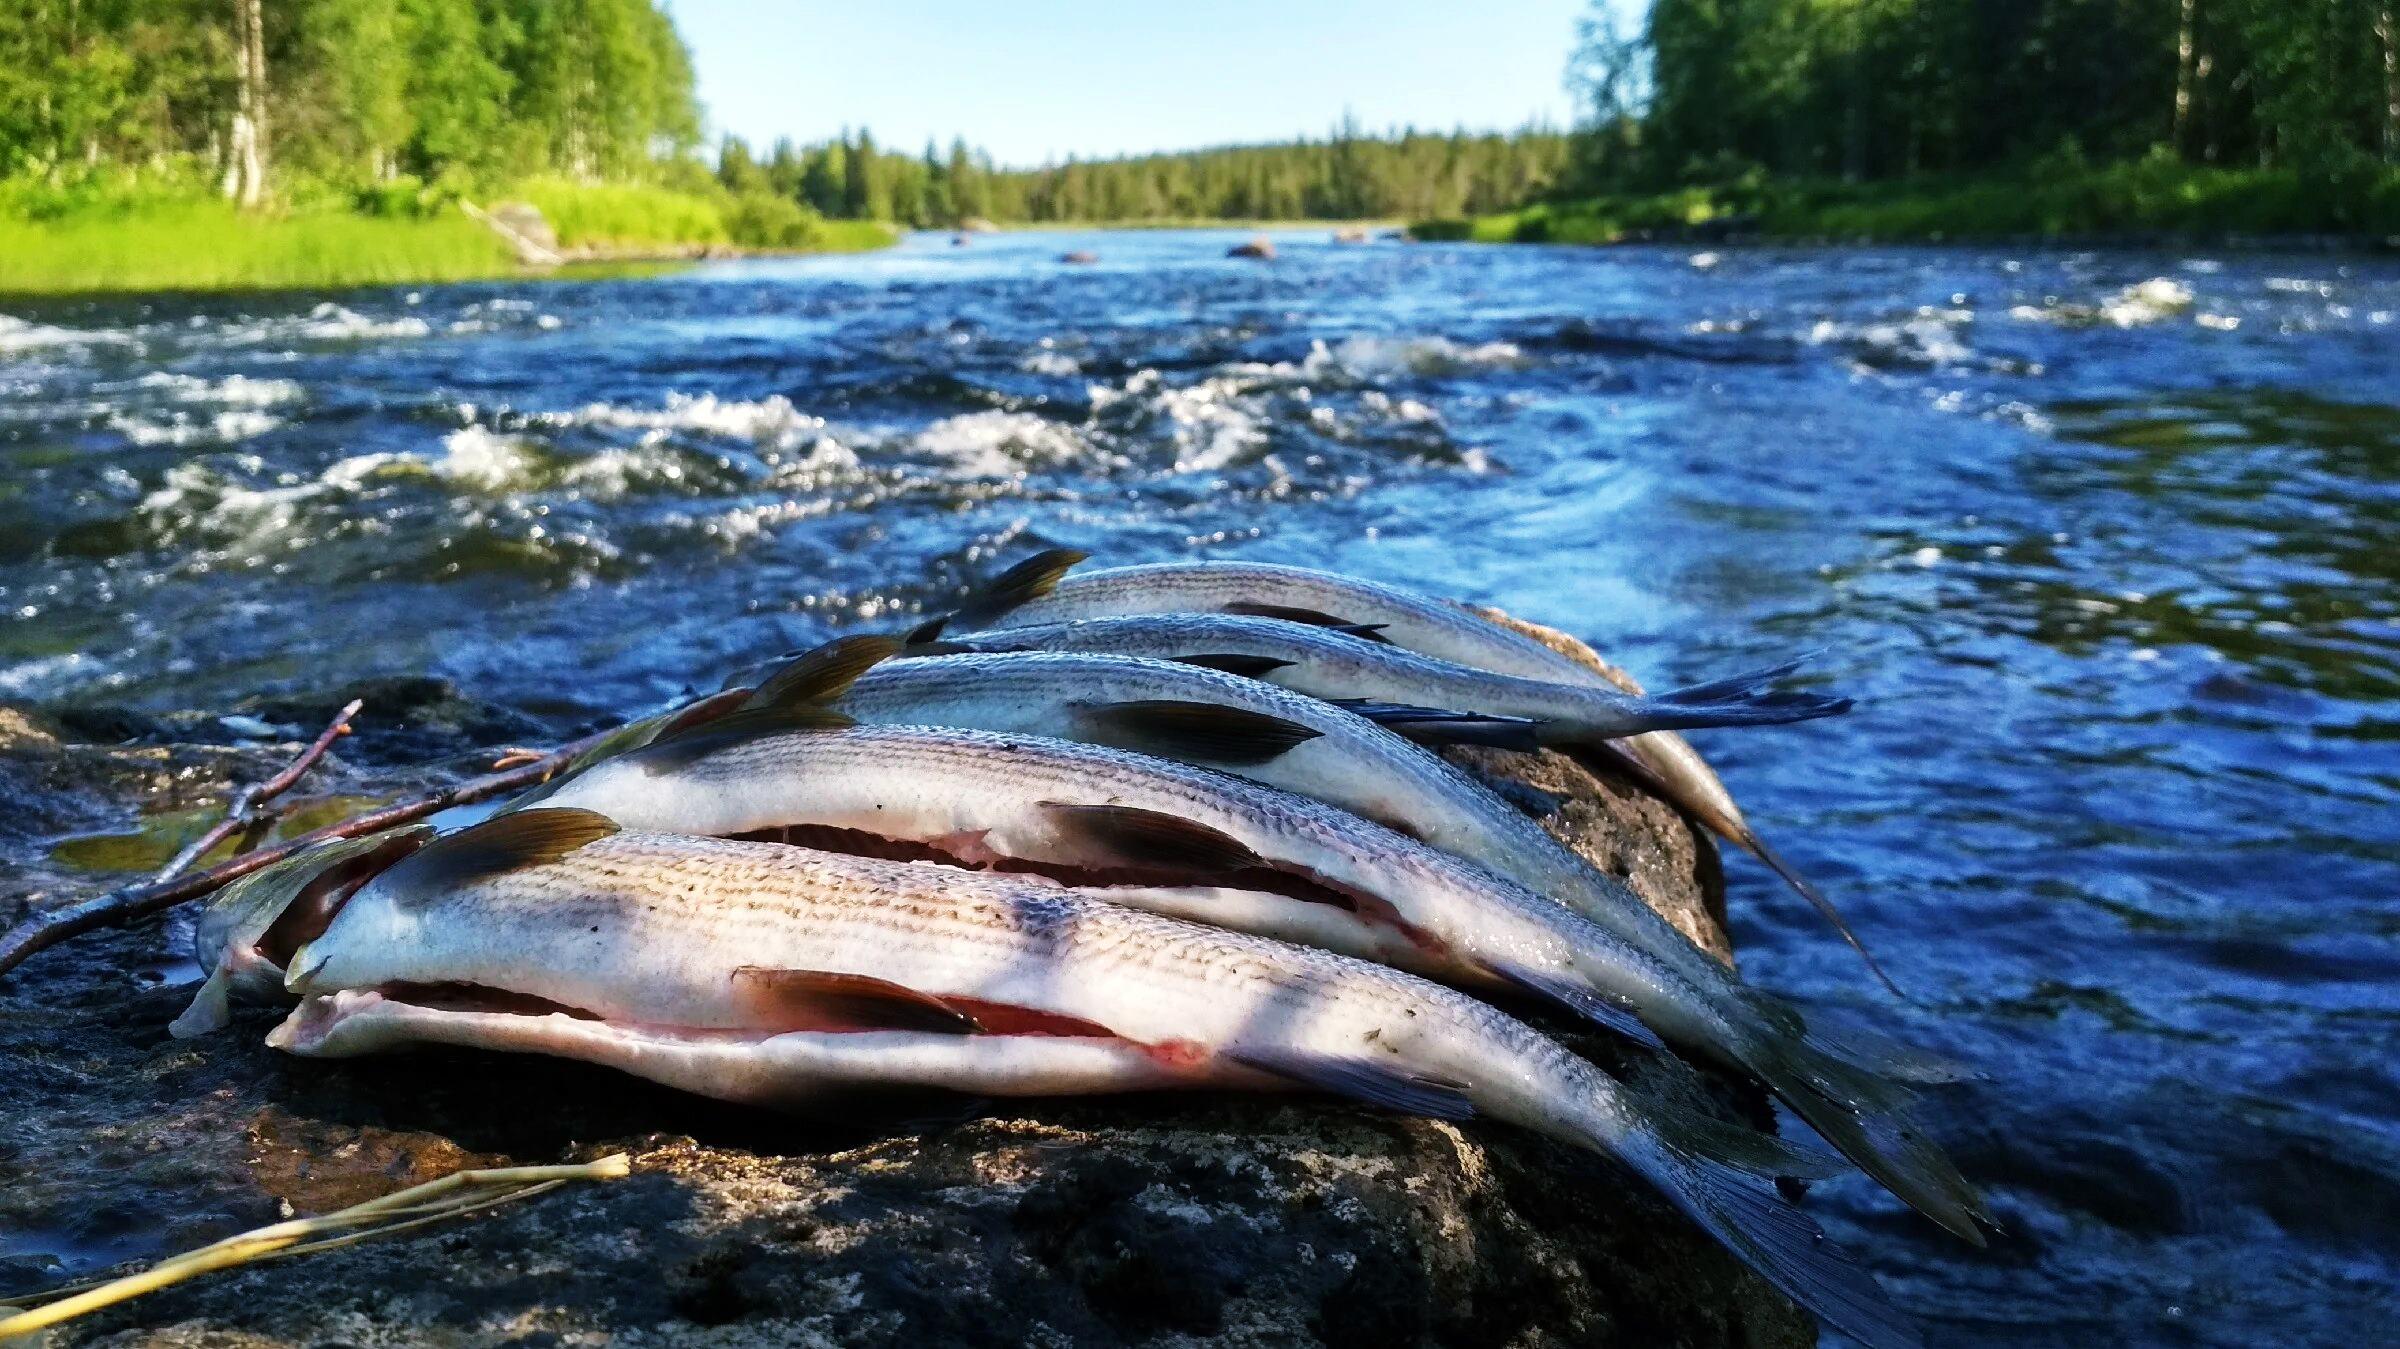 Описание рыбы, которая водится в озерах Карелии